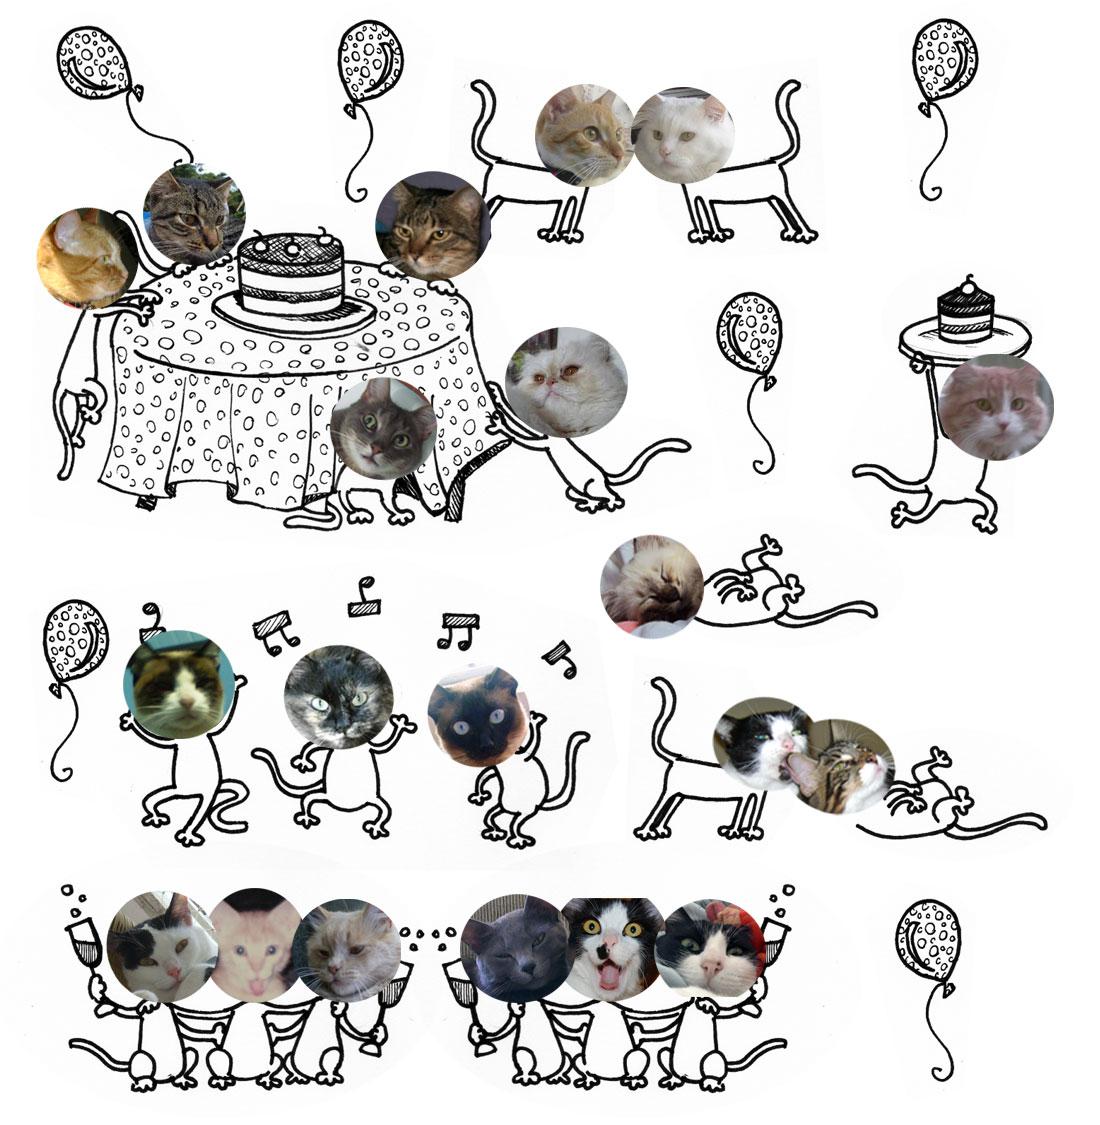 64b6a8476 Quase 150 bichanos quiseram participar da brincadeira, então decidimos que  a festa vai durar uma semana inteira! A cada dia, aparecem novos gatos.